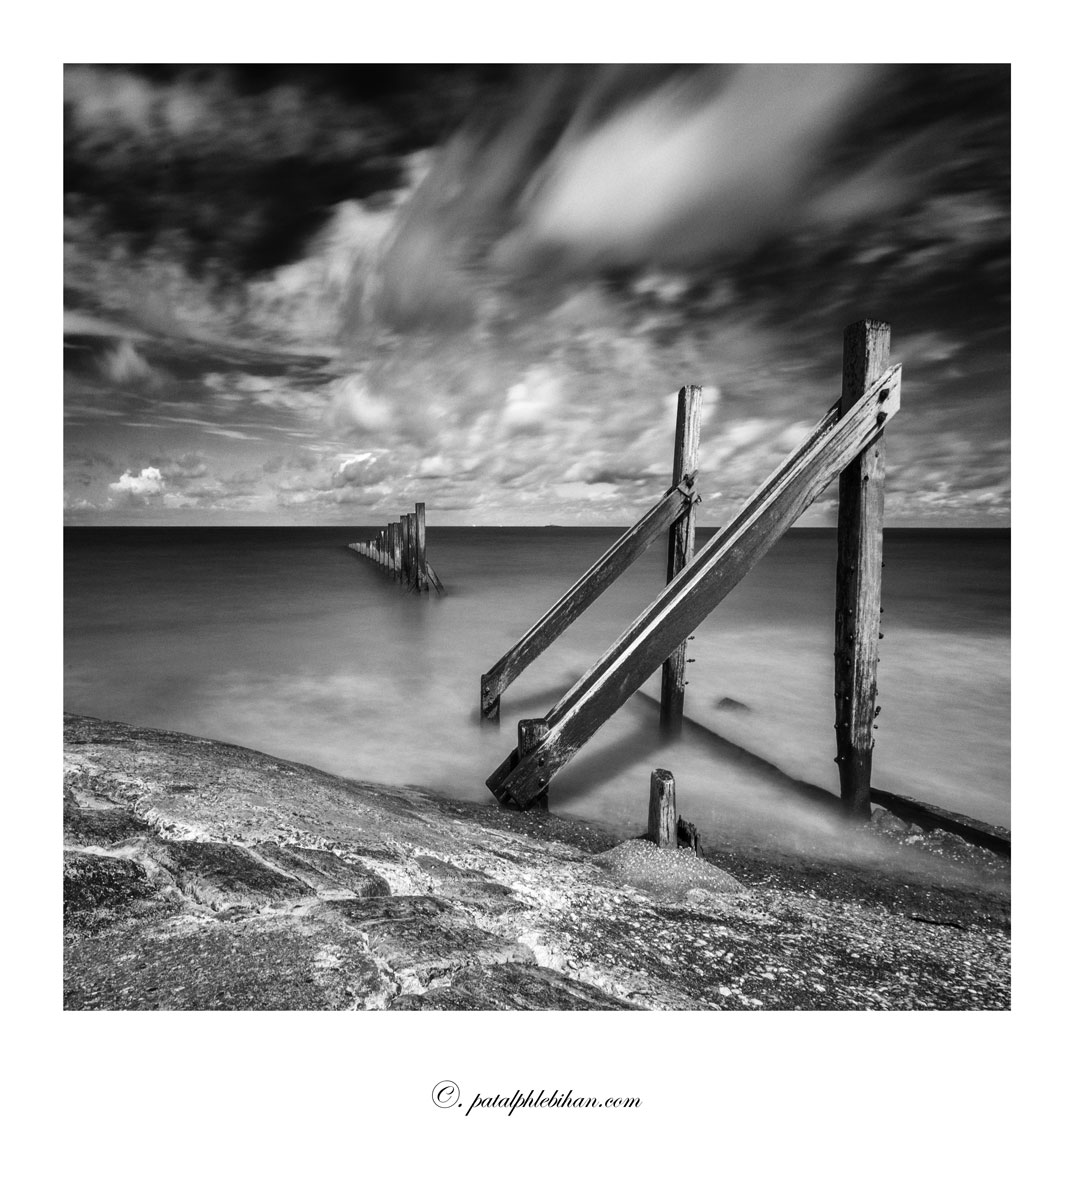 Noirmout_0385-acnbpolaw